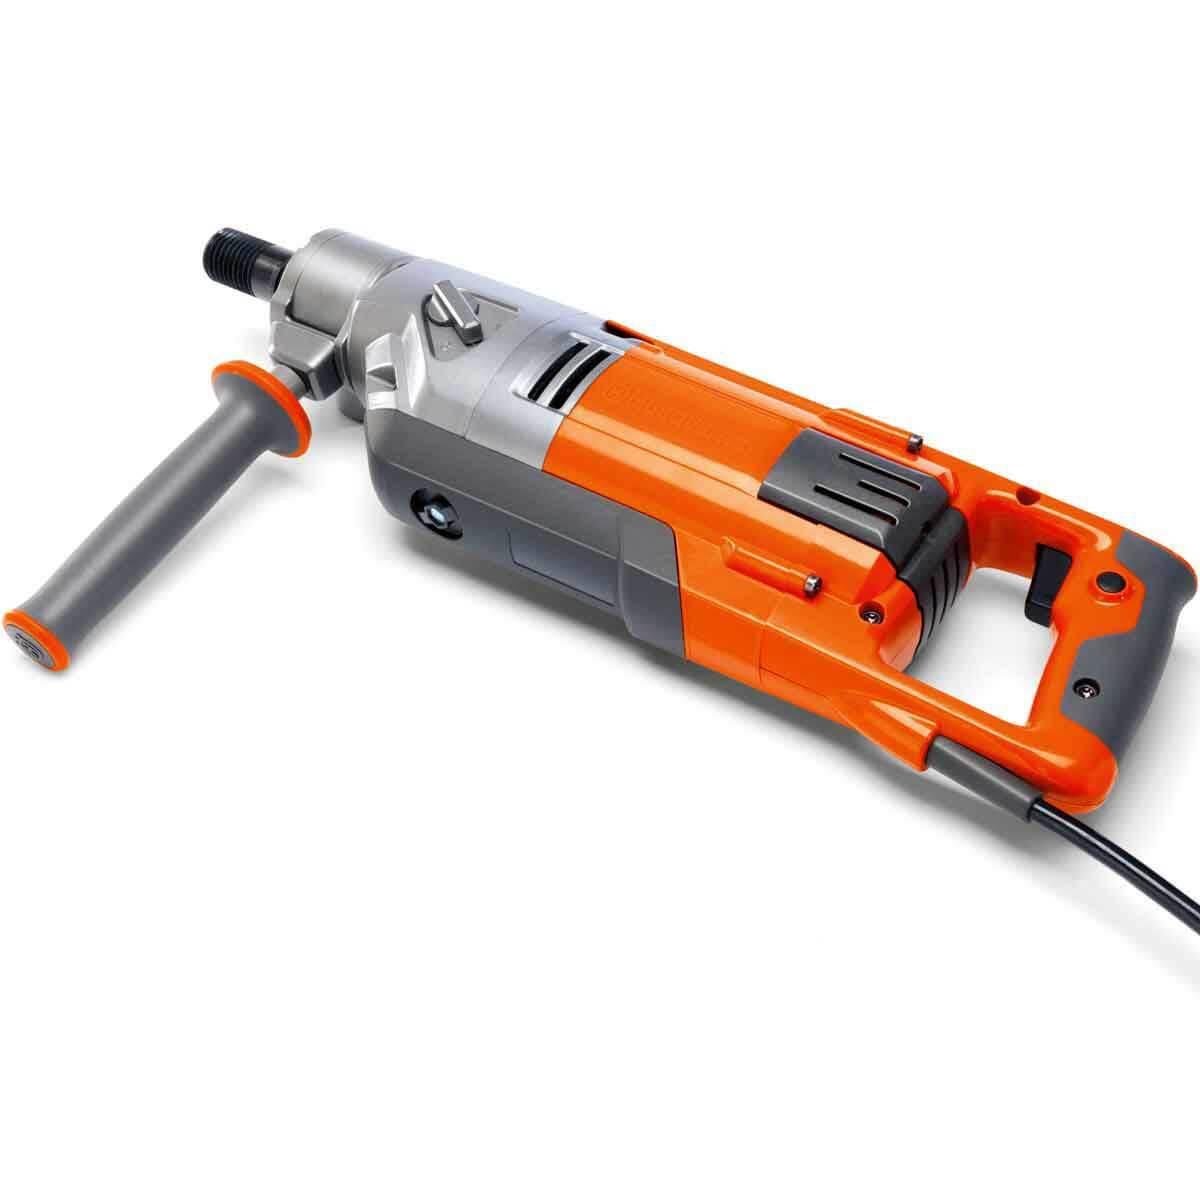 966563503 Husqvarna DM220 drill